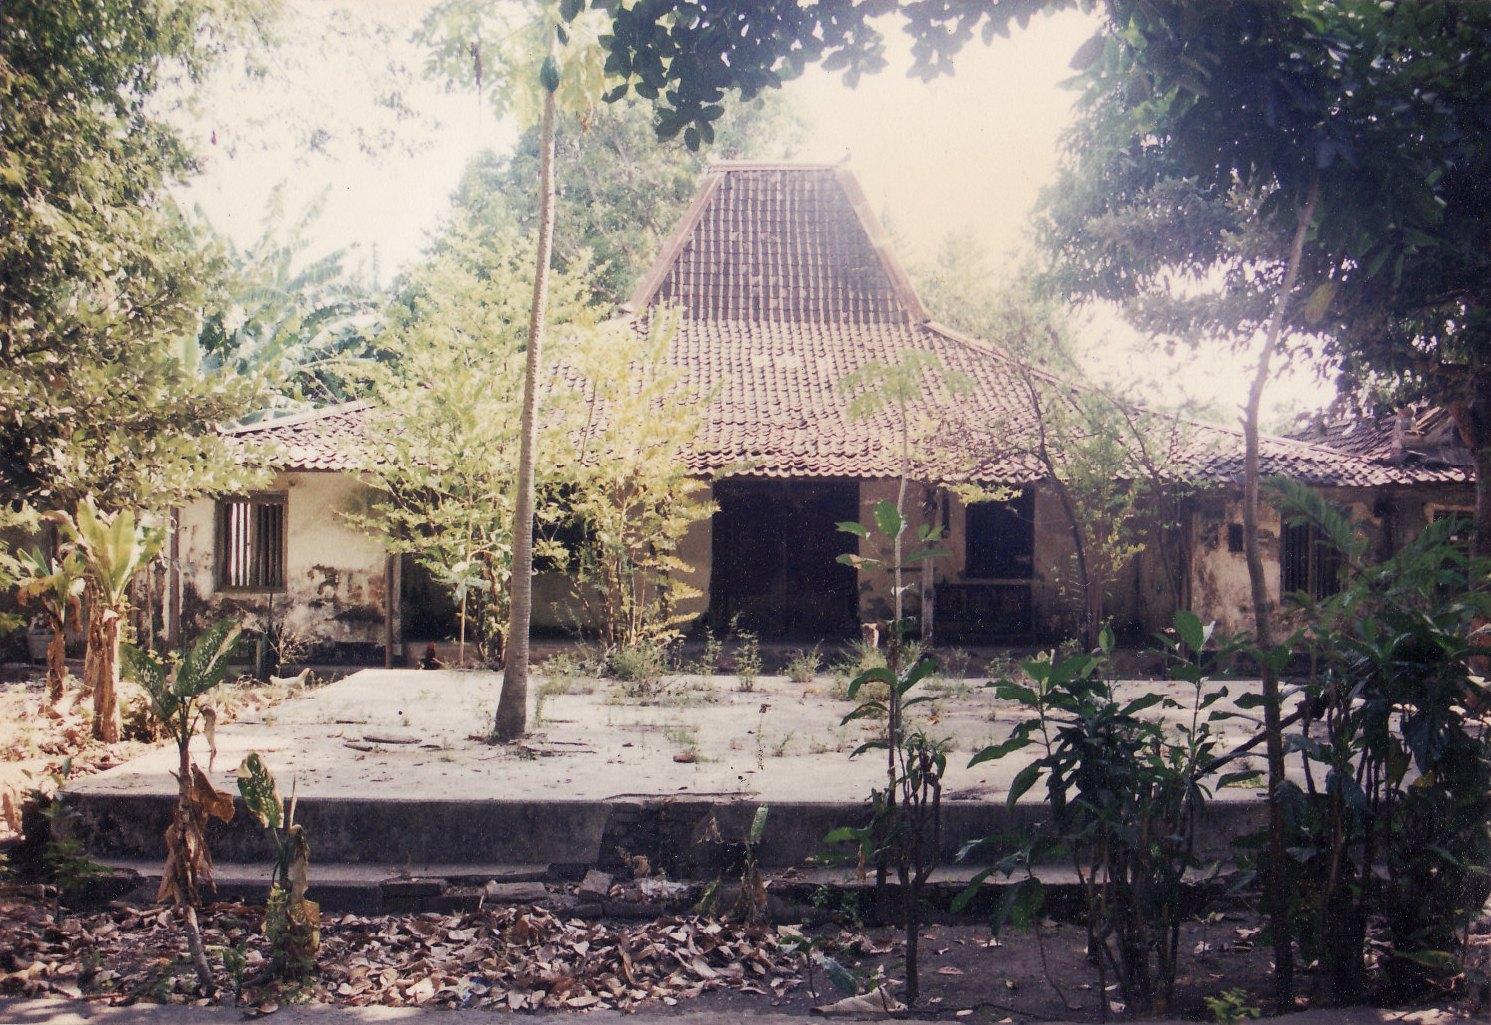 Kotagede Omah Kanthil Wisata Mistis Jogja Masjid Kab Bantul